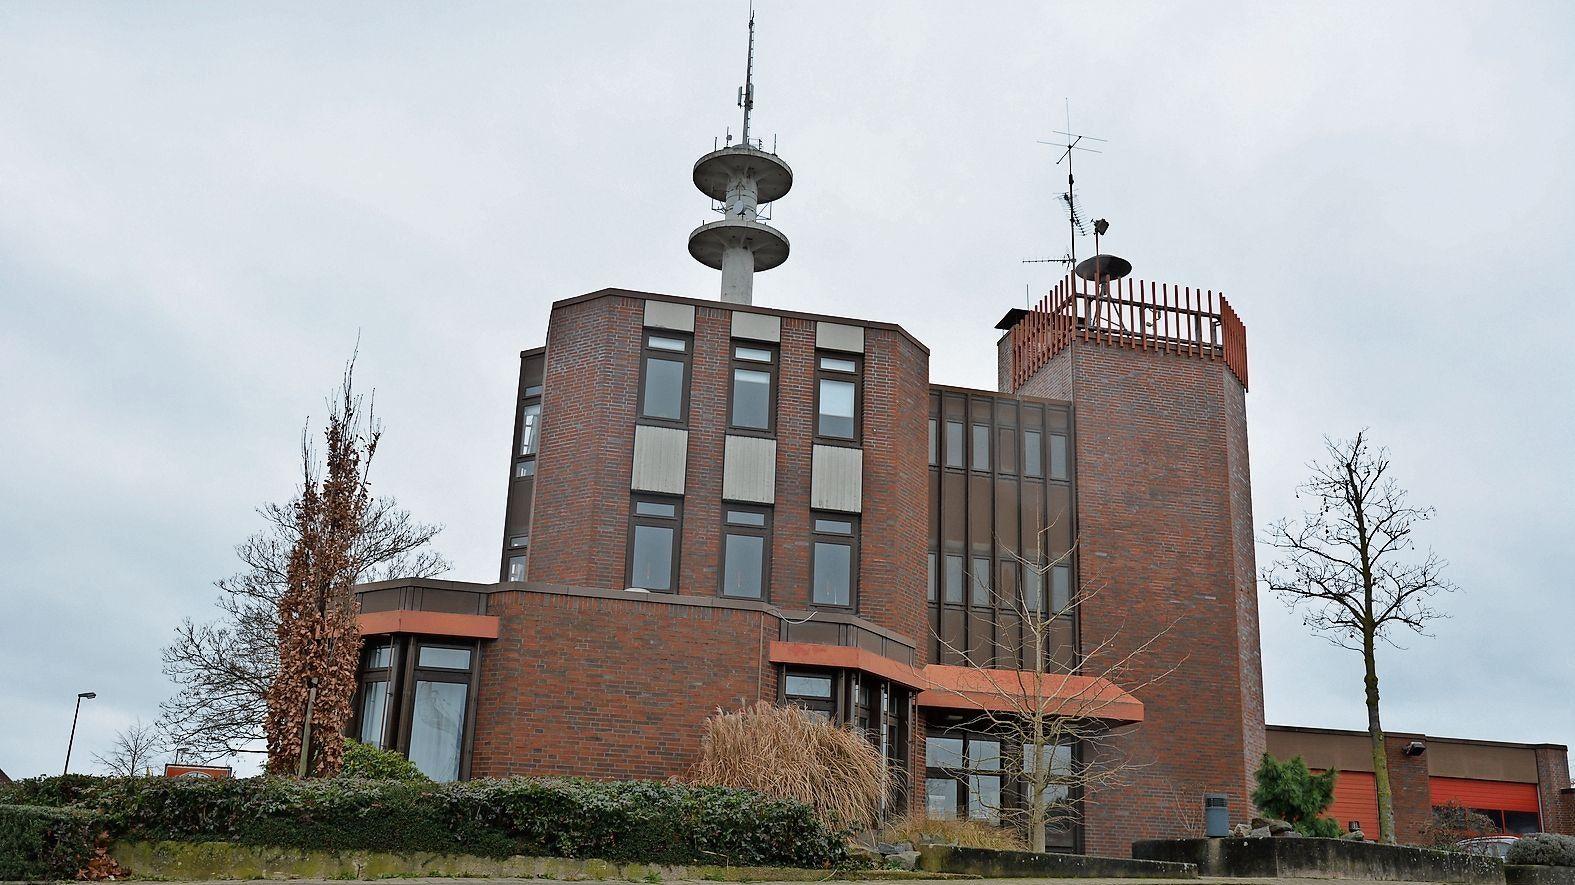 Keine Verzögerungen mehr: Das Cloppenburger Feuerwehrhaus soll schnell umgebaut werden. Foto: Archiv/Hermes